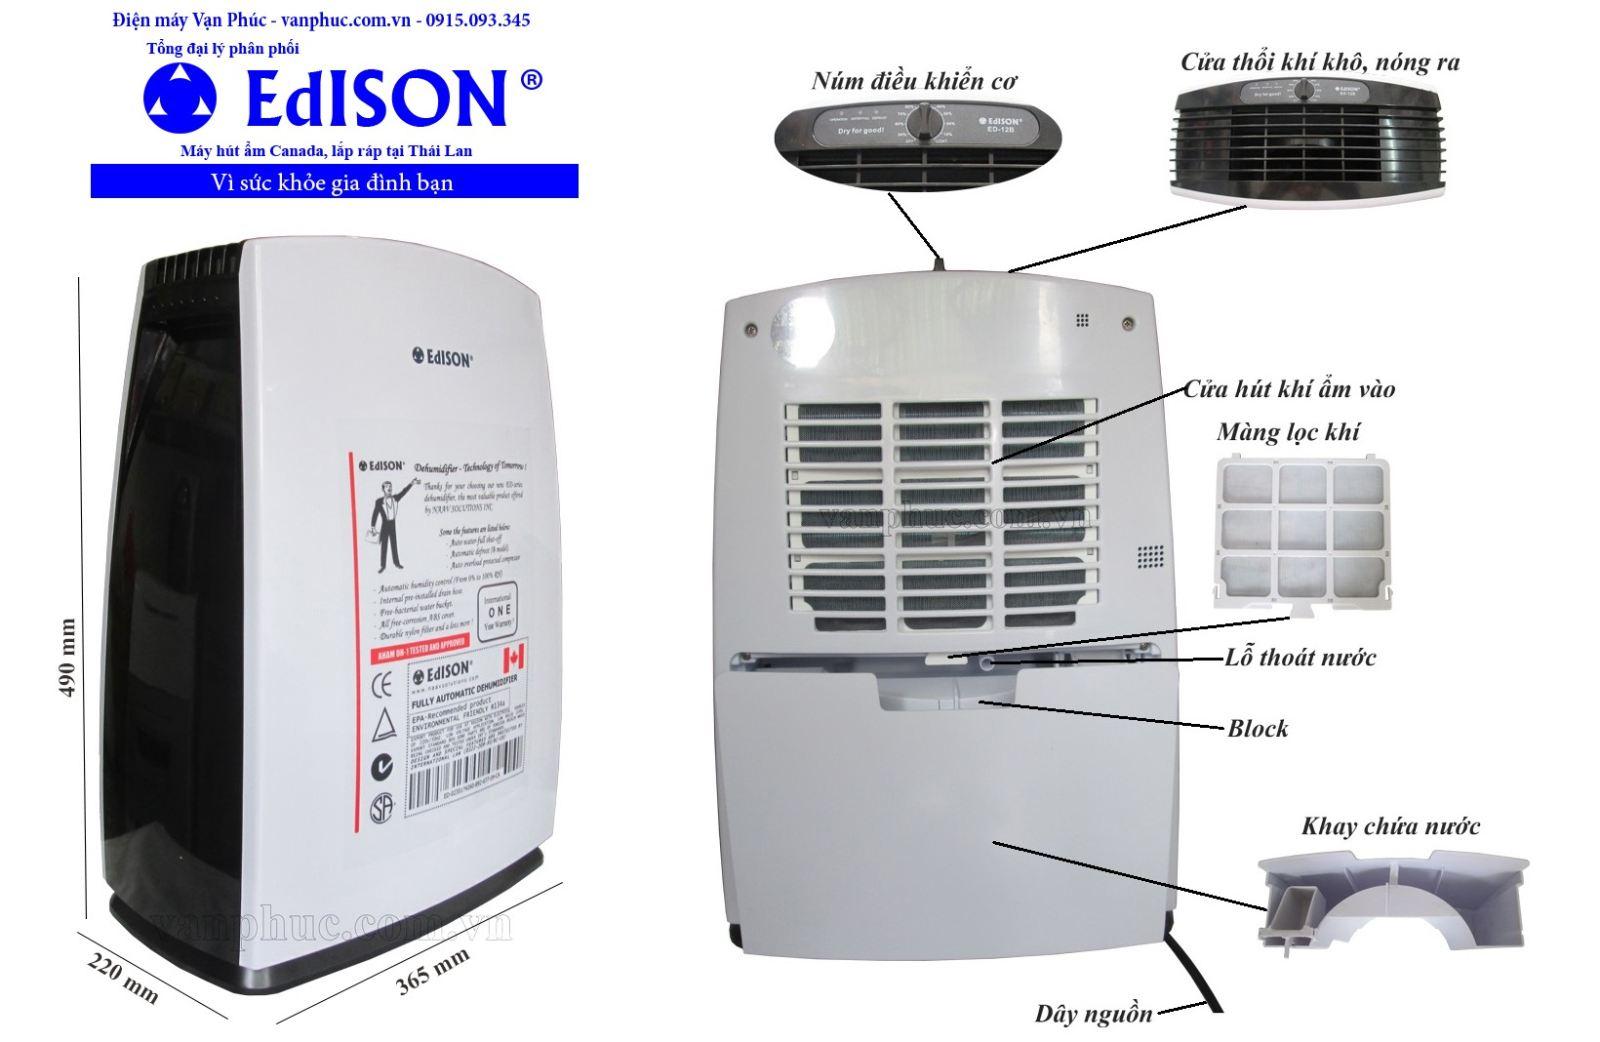 Cấu tạo của máy hút ẩm Edison ED-12B